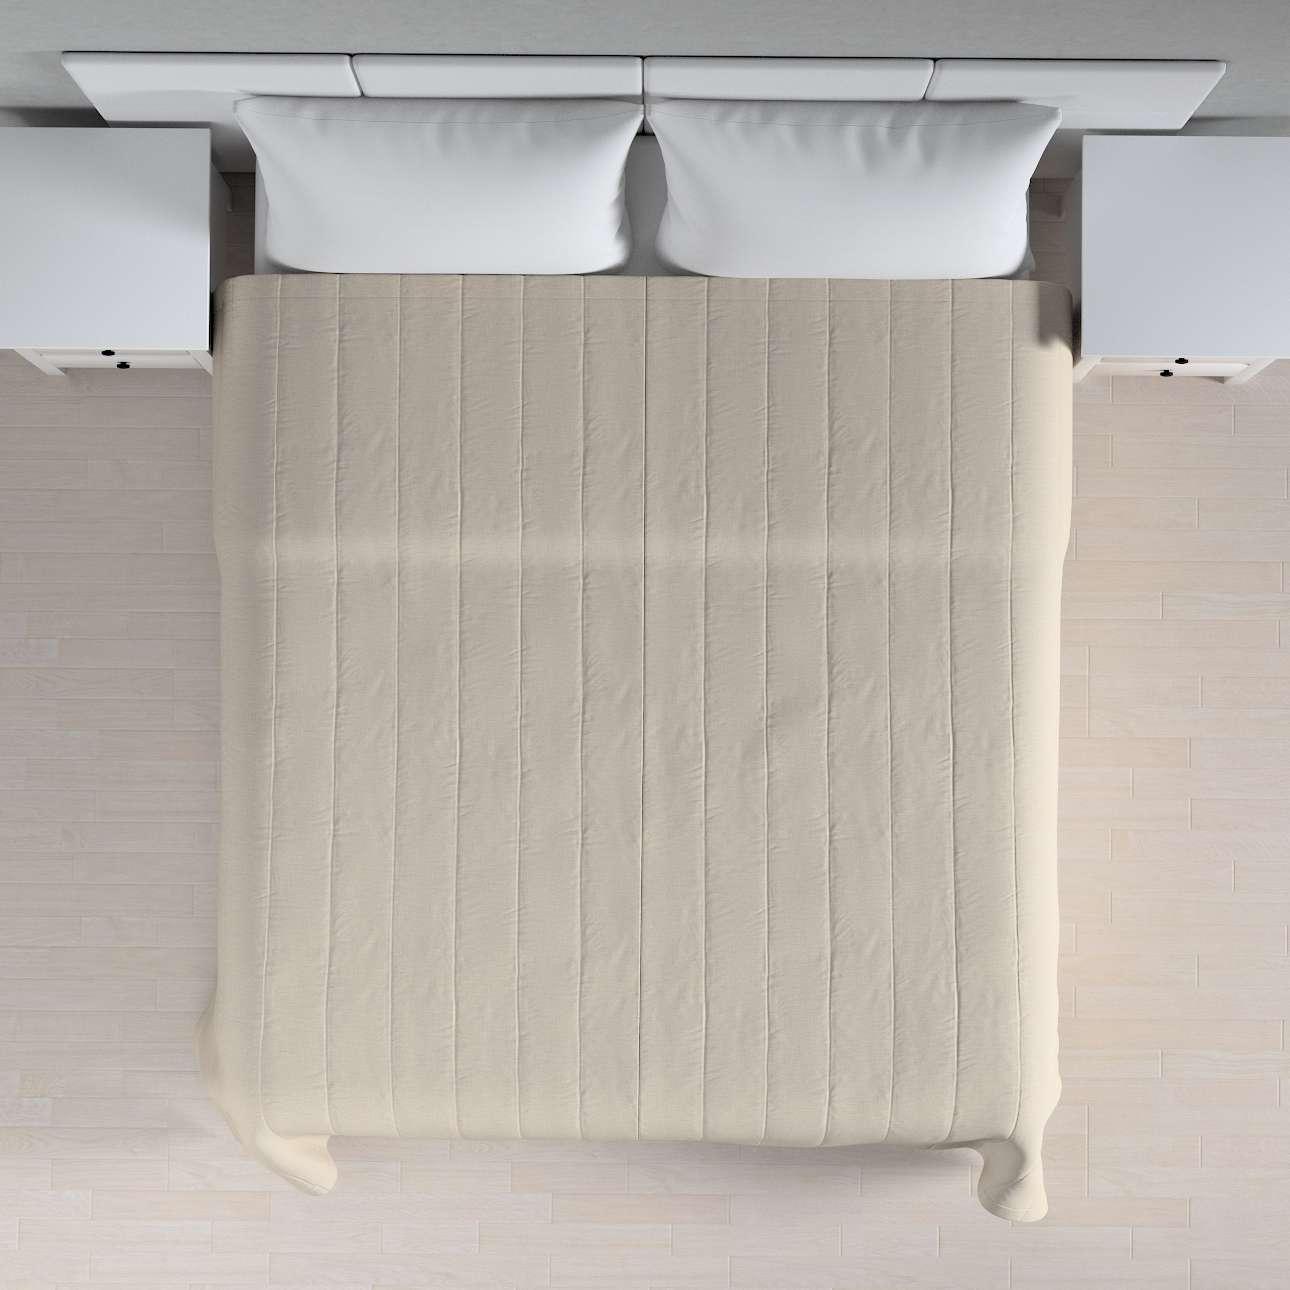 Einfacher Überwurf 260 x 210 cm von der Kollektion Leinen, Stoff: 392-05